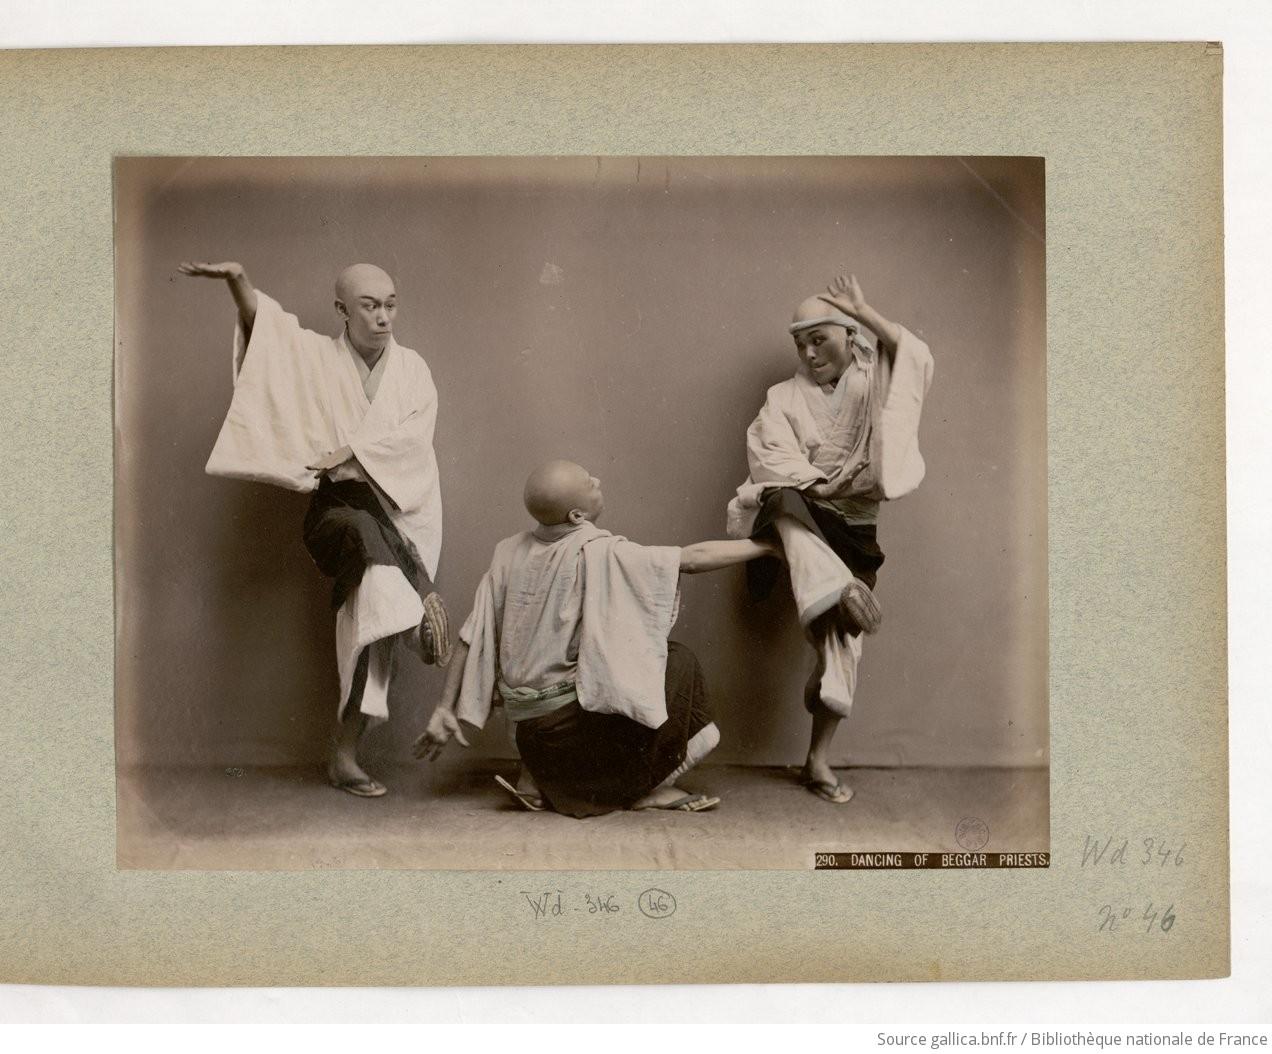 Fig. 46. 290. Dancing of beggar priests;